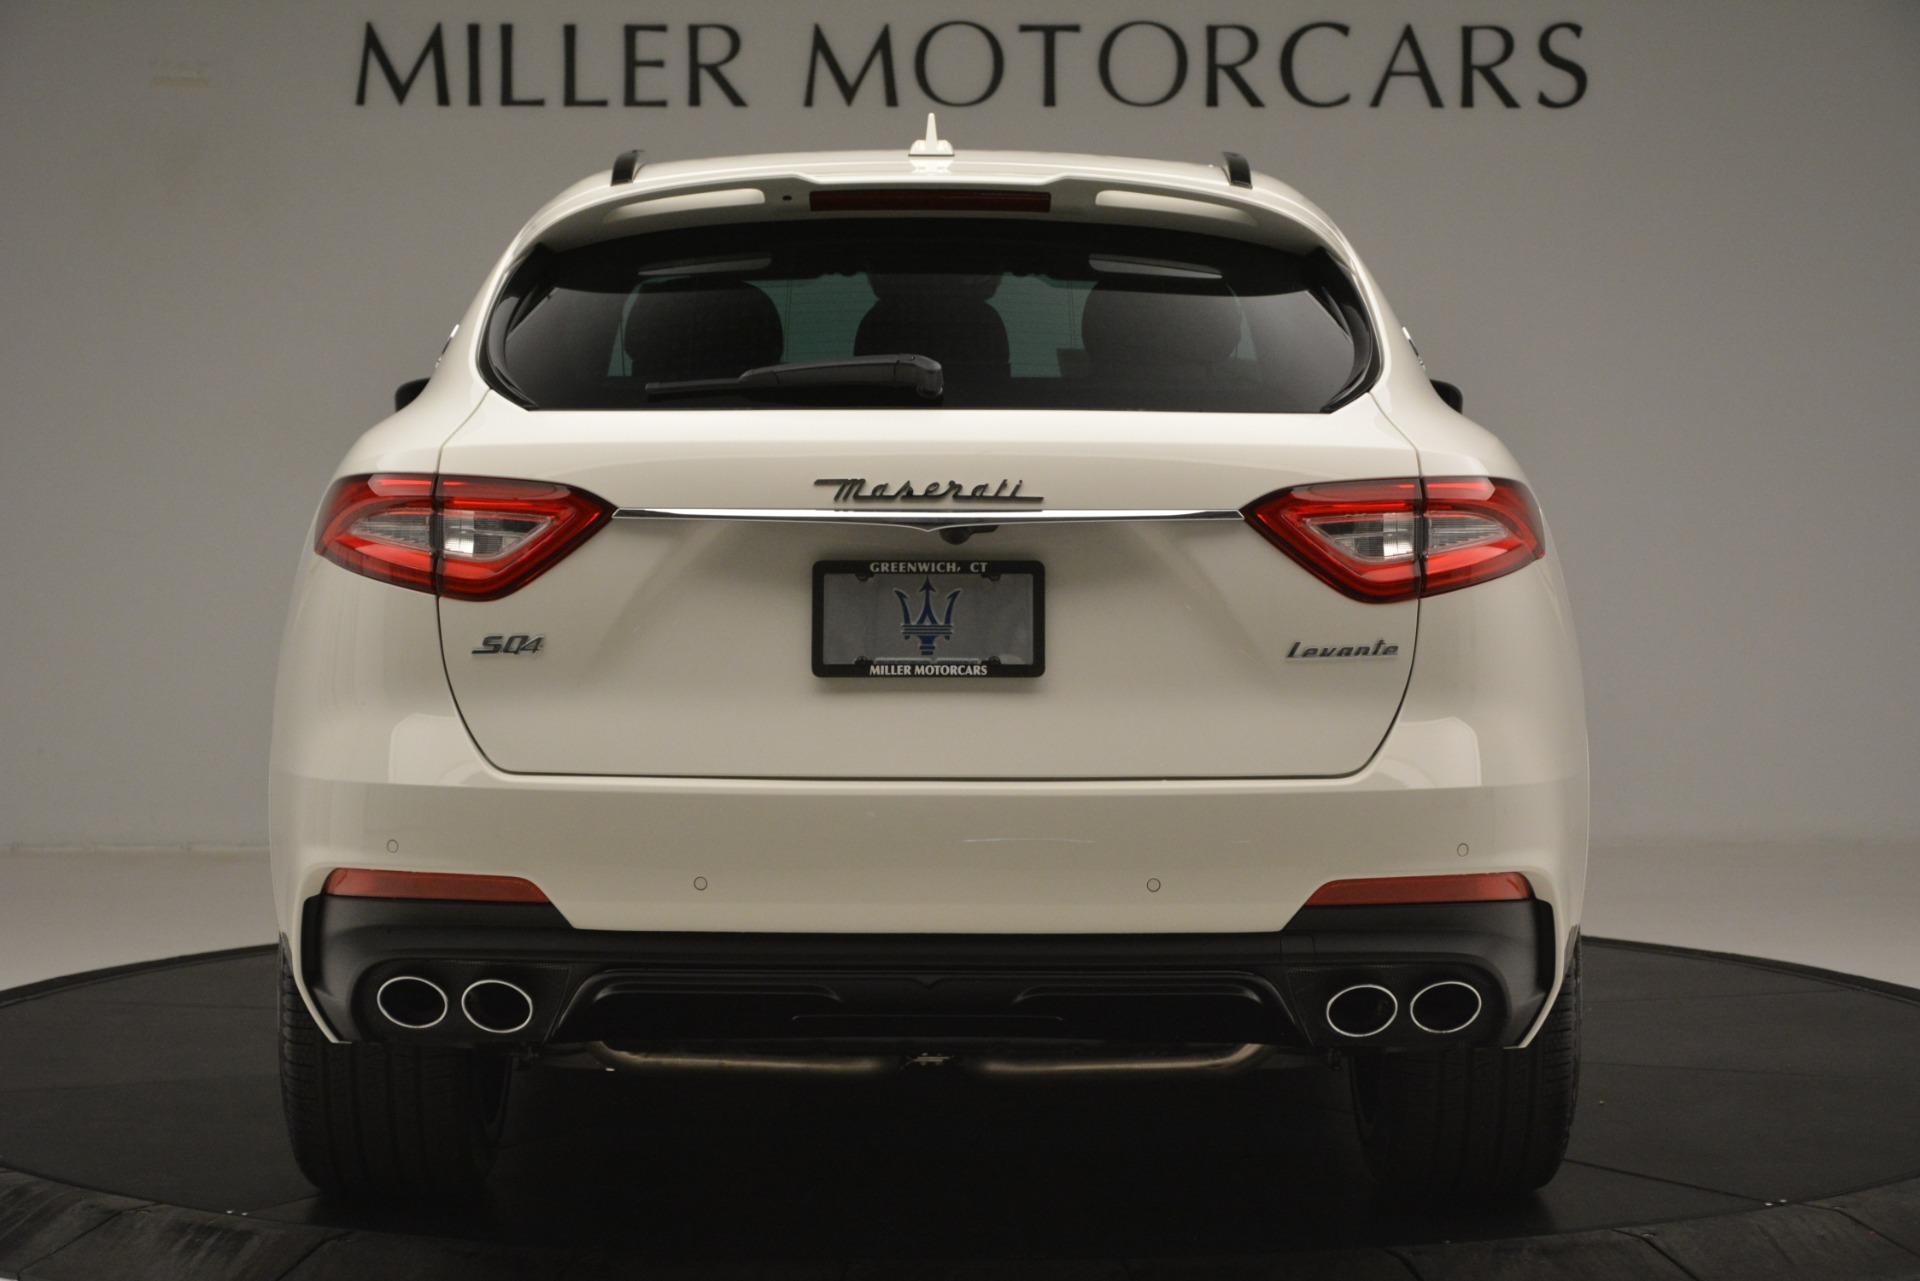 New 2019 Maserati Levante S Q4 GranSport For Sale In Westport, CT 3021_p6